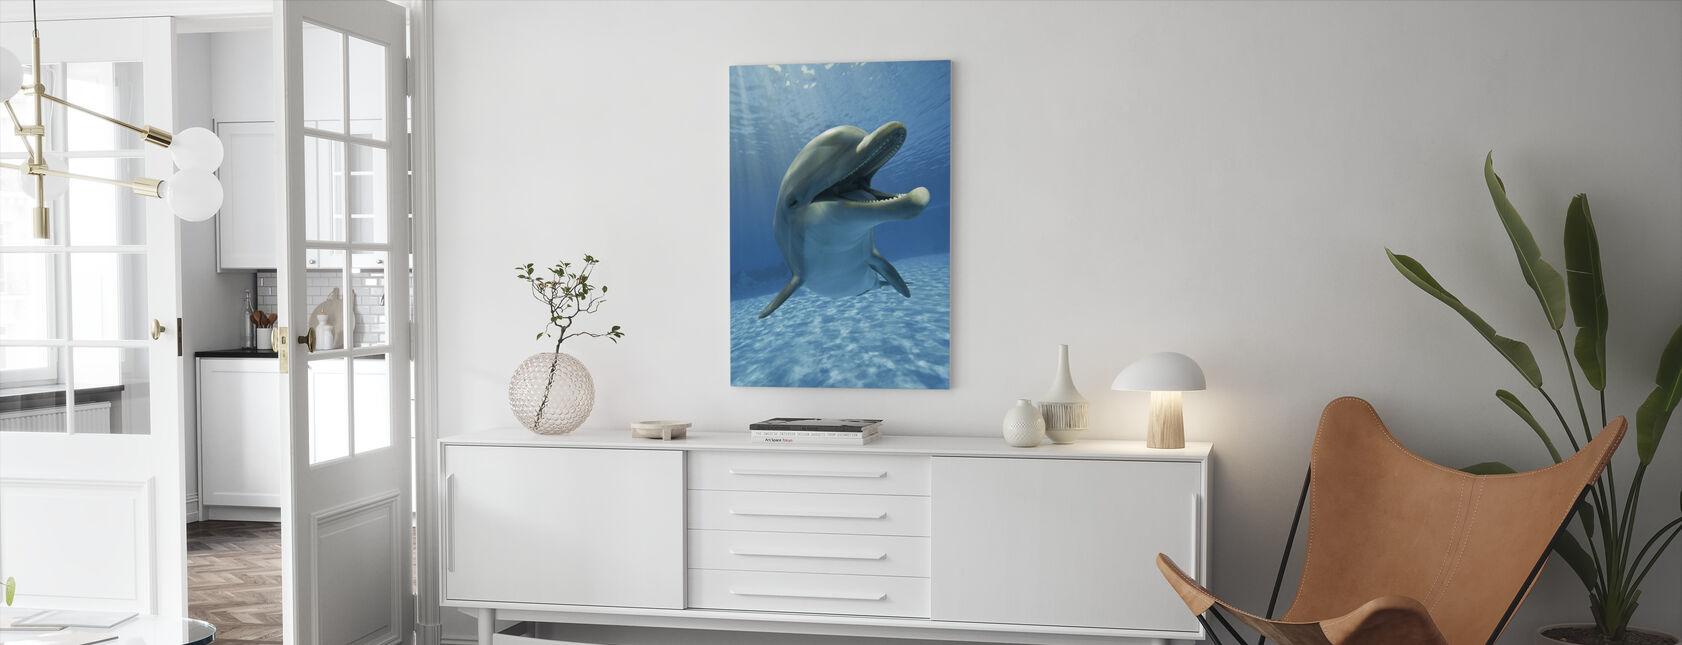 Begegnung mit Delphin - Leinwandbild - Wohnzimmer